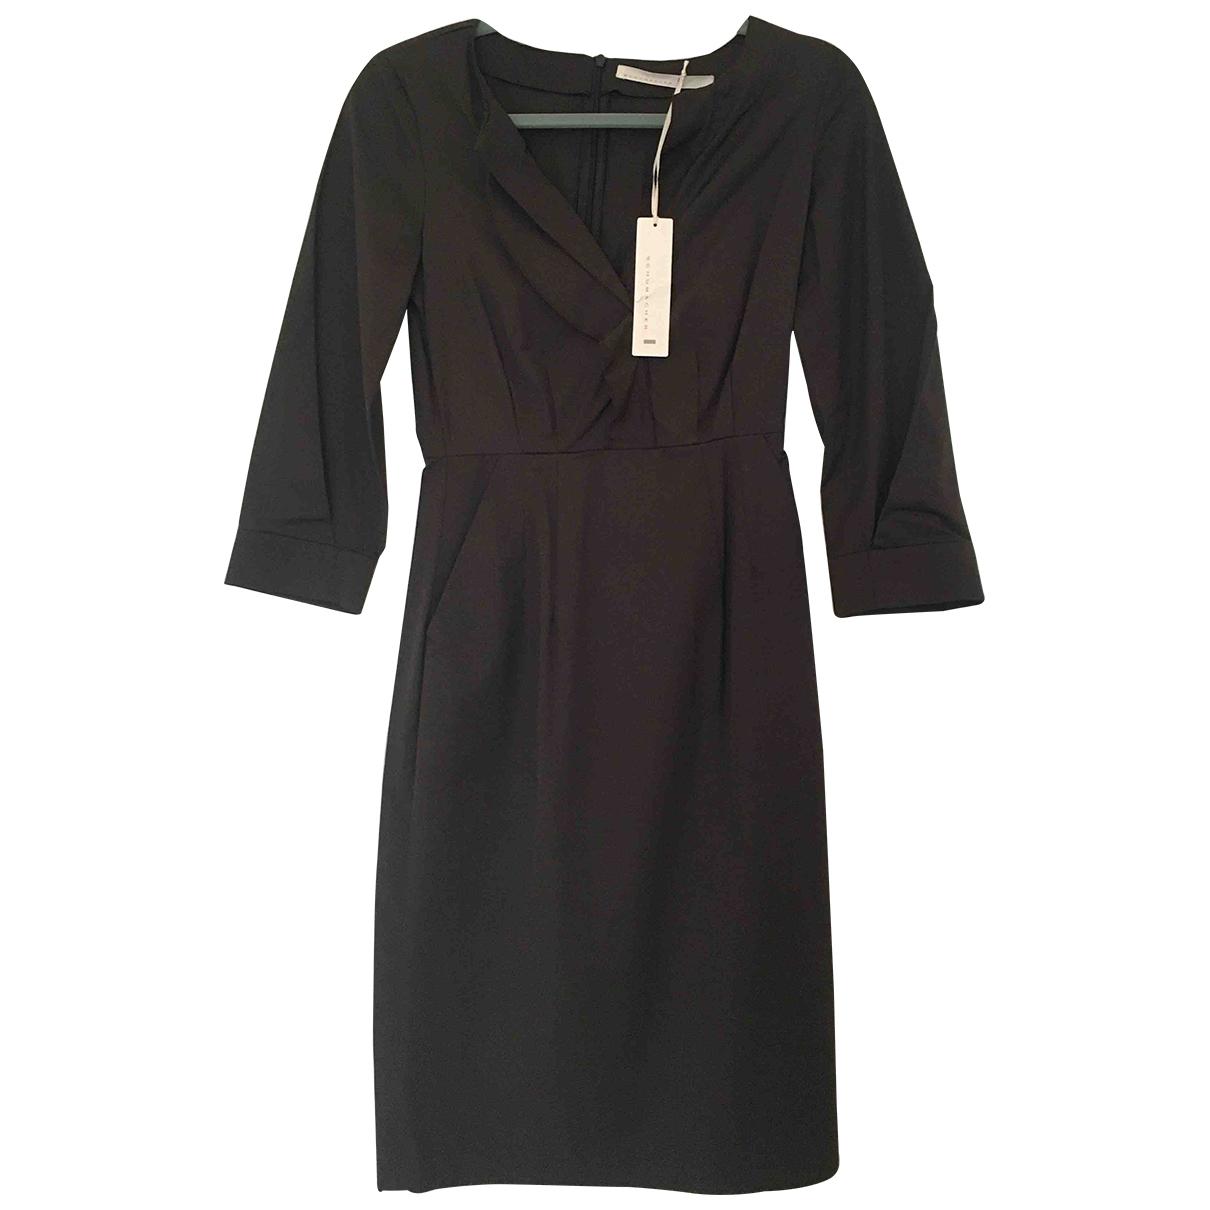 Dorothee Schumacher \N Kleid in  Braun Polyester